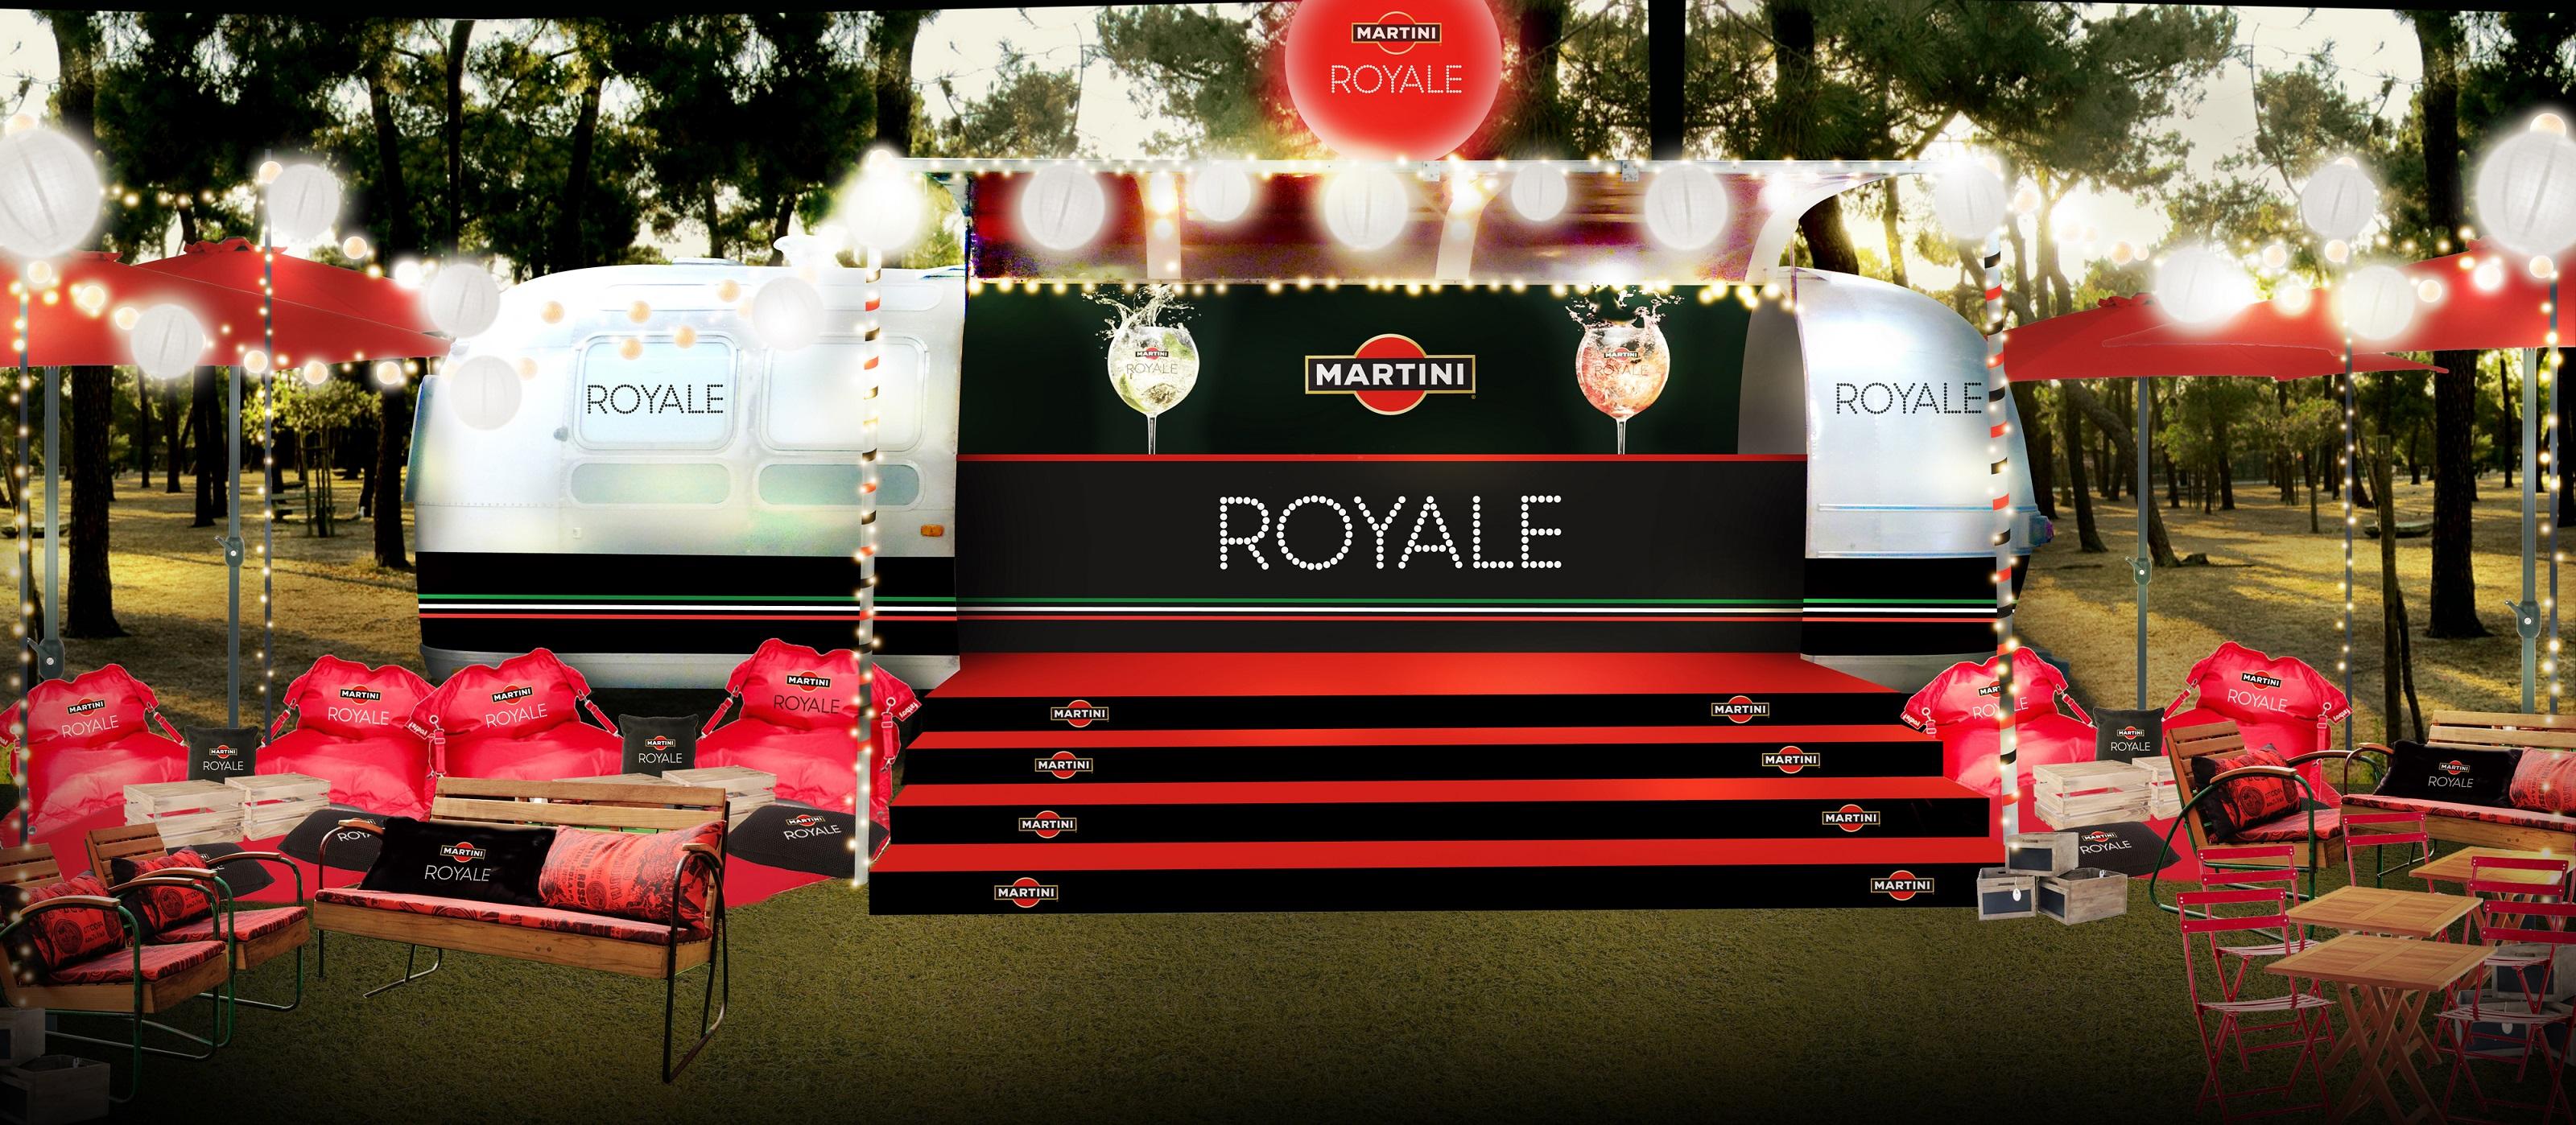 Martini Royale en tournée